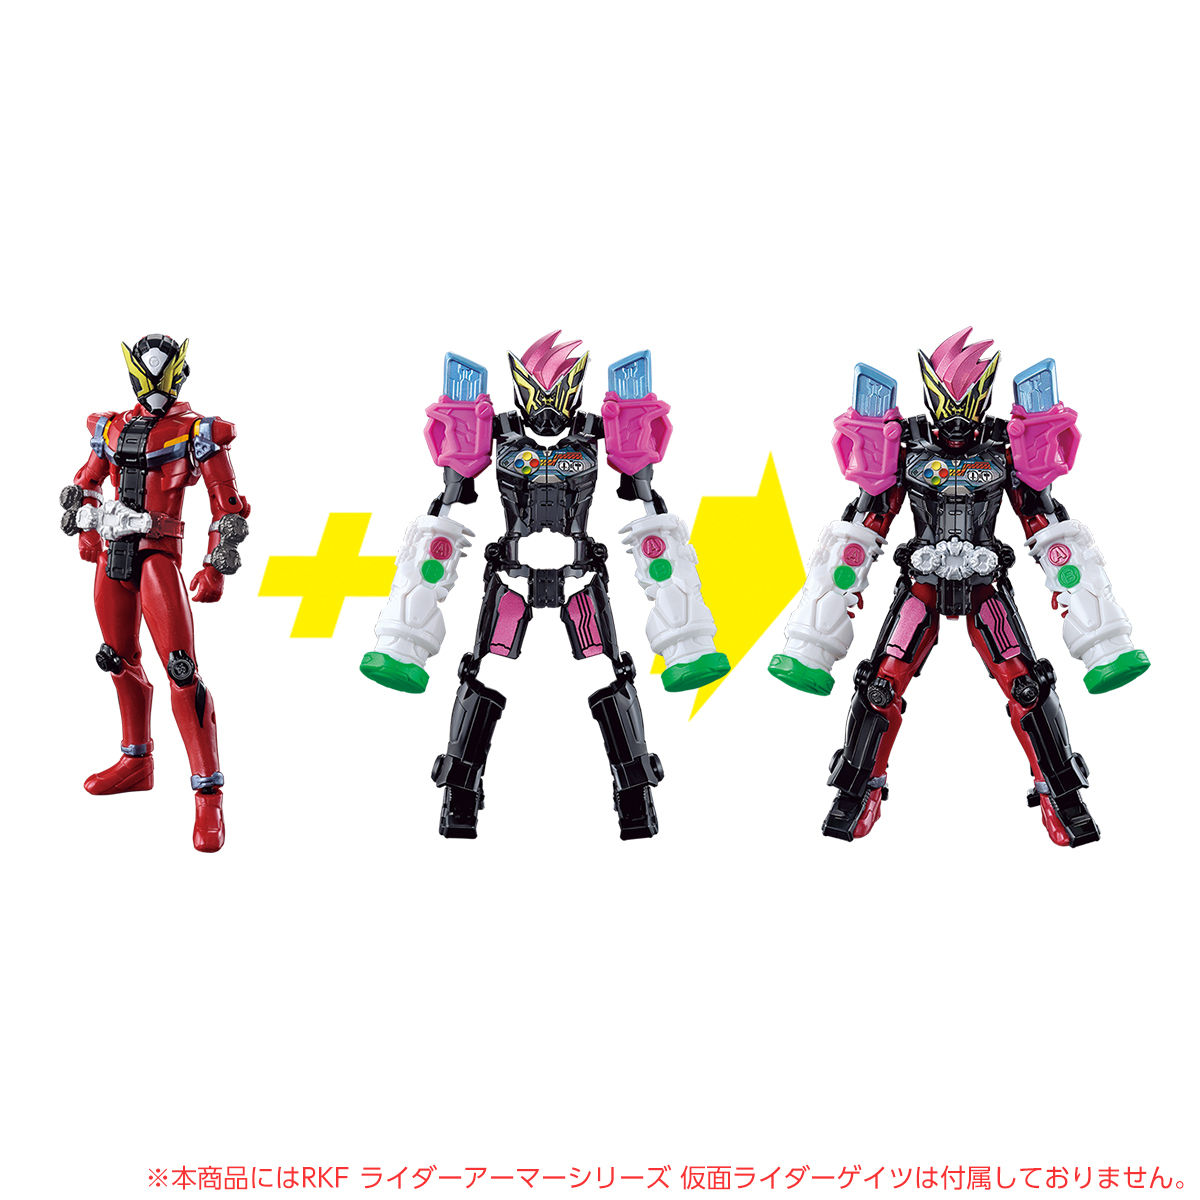 RKFライダーアーマーシリーズ『エグゼイドアーマー』可動フィギュア-010